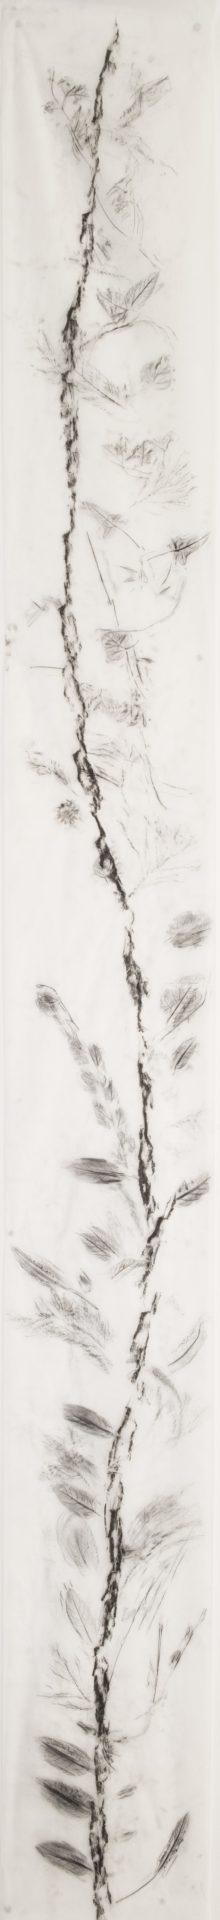 Scala Naturale<br>MMG16<br>misure: 33 x 300 cm<br>tecnica: Carboncino su carta giapponese<br>anno: 2018<br><br>DISPONIBILE